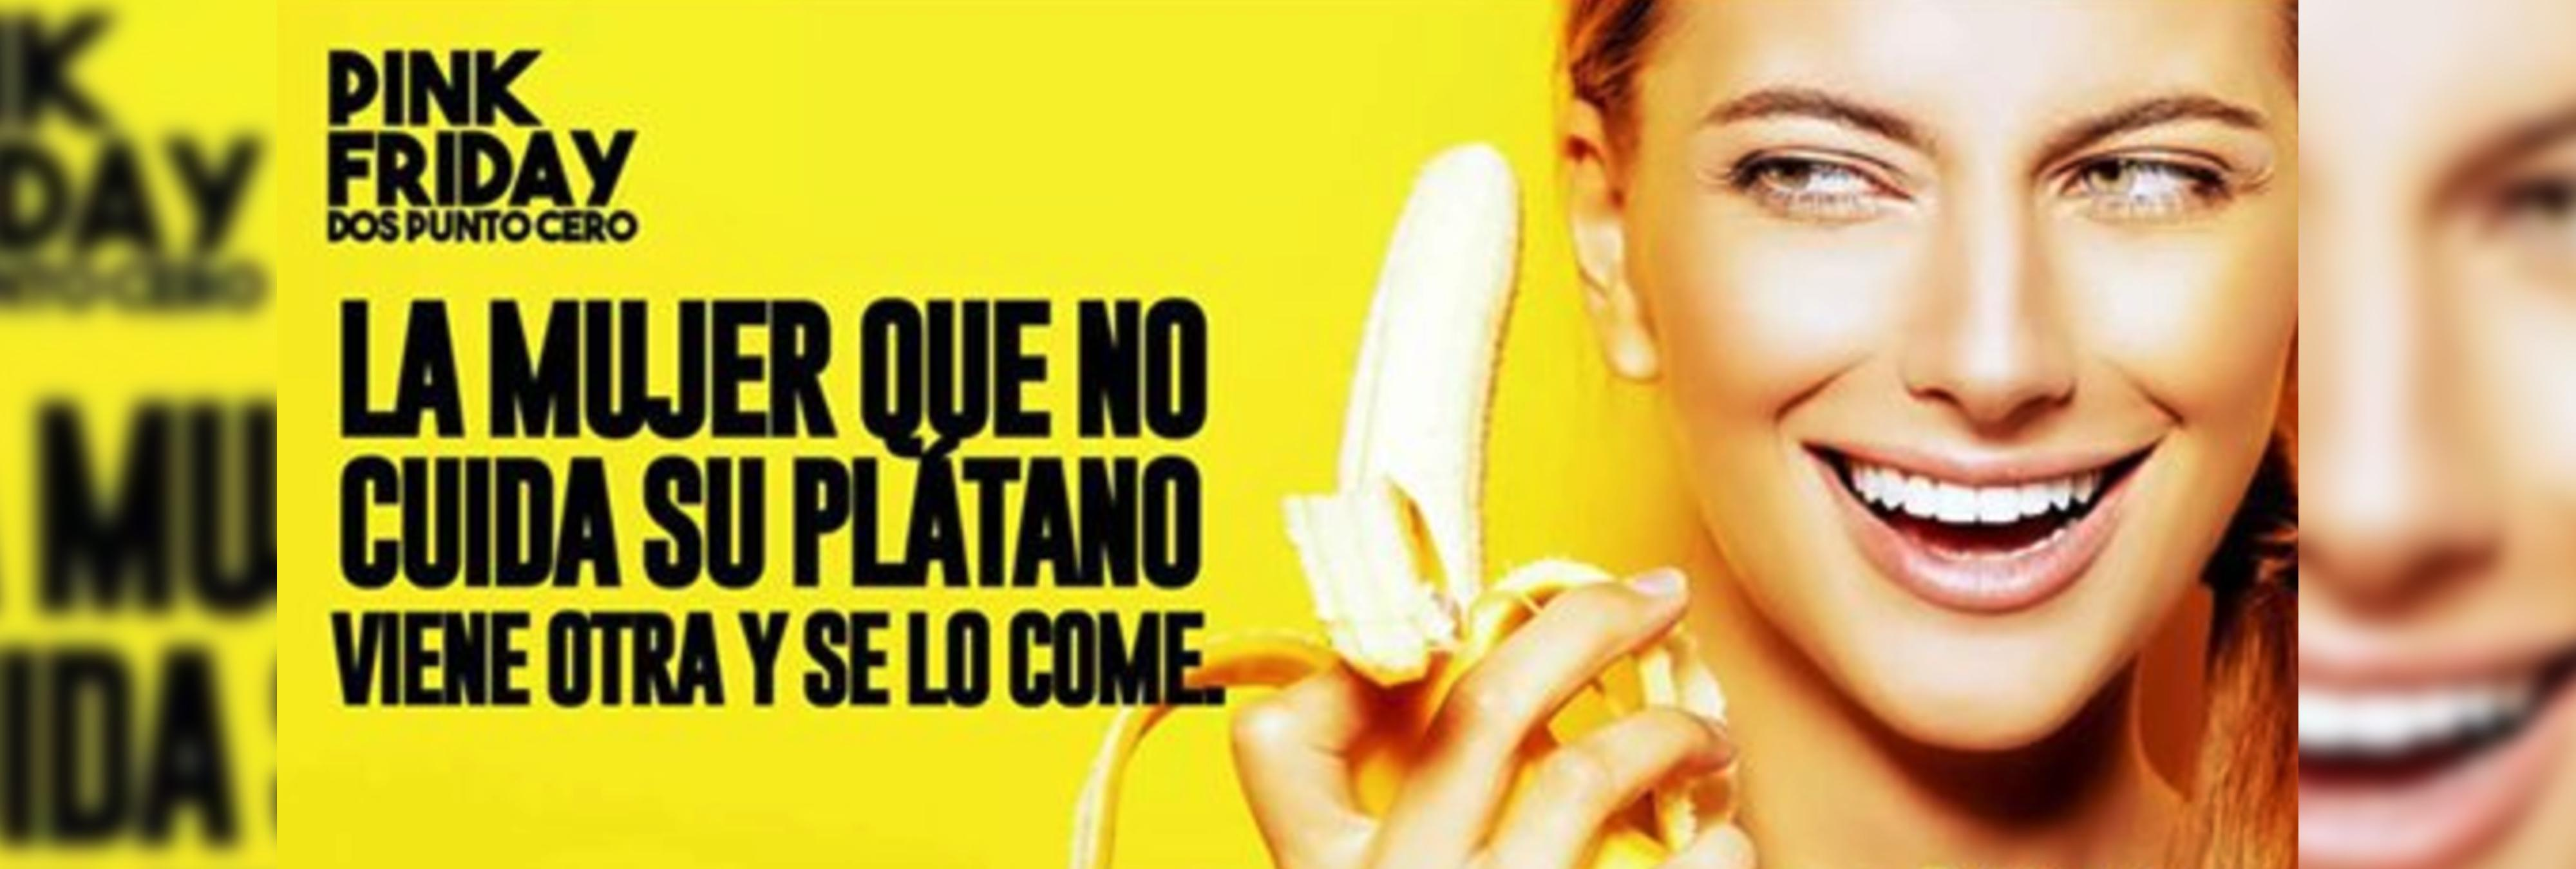 Una discoteca de Murcia desata la polémica con un anuncio machista